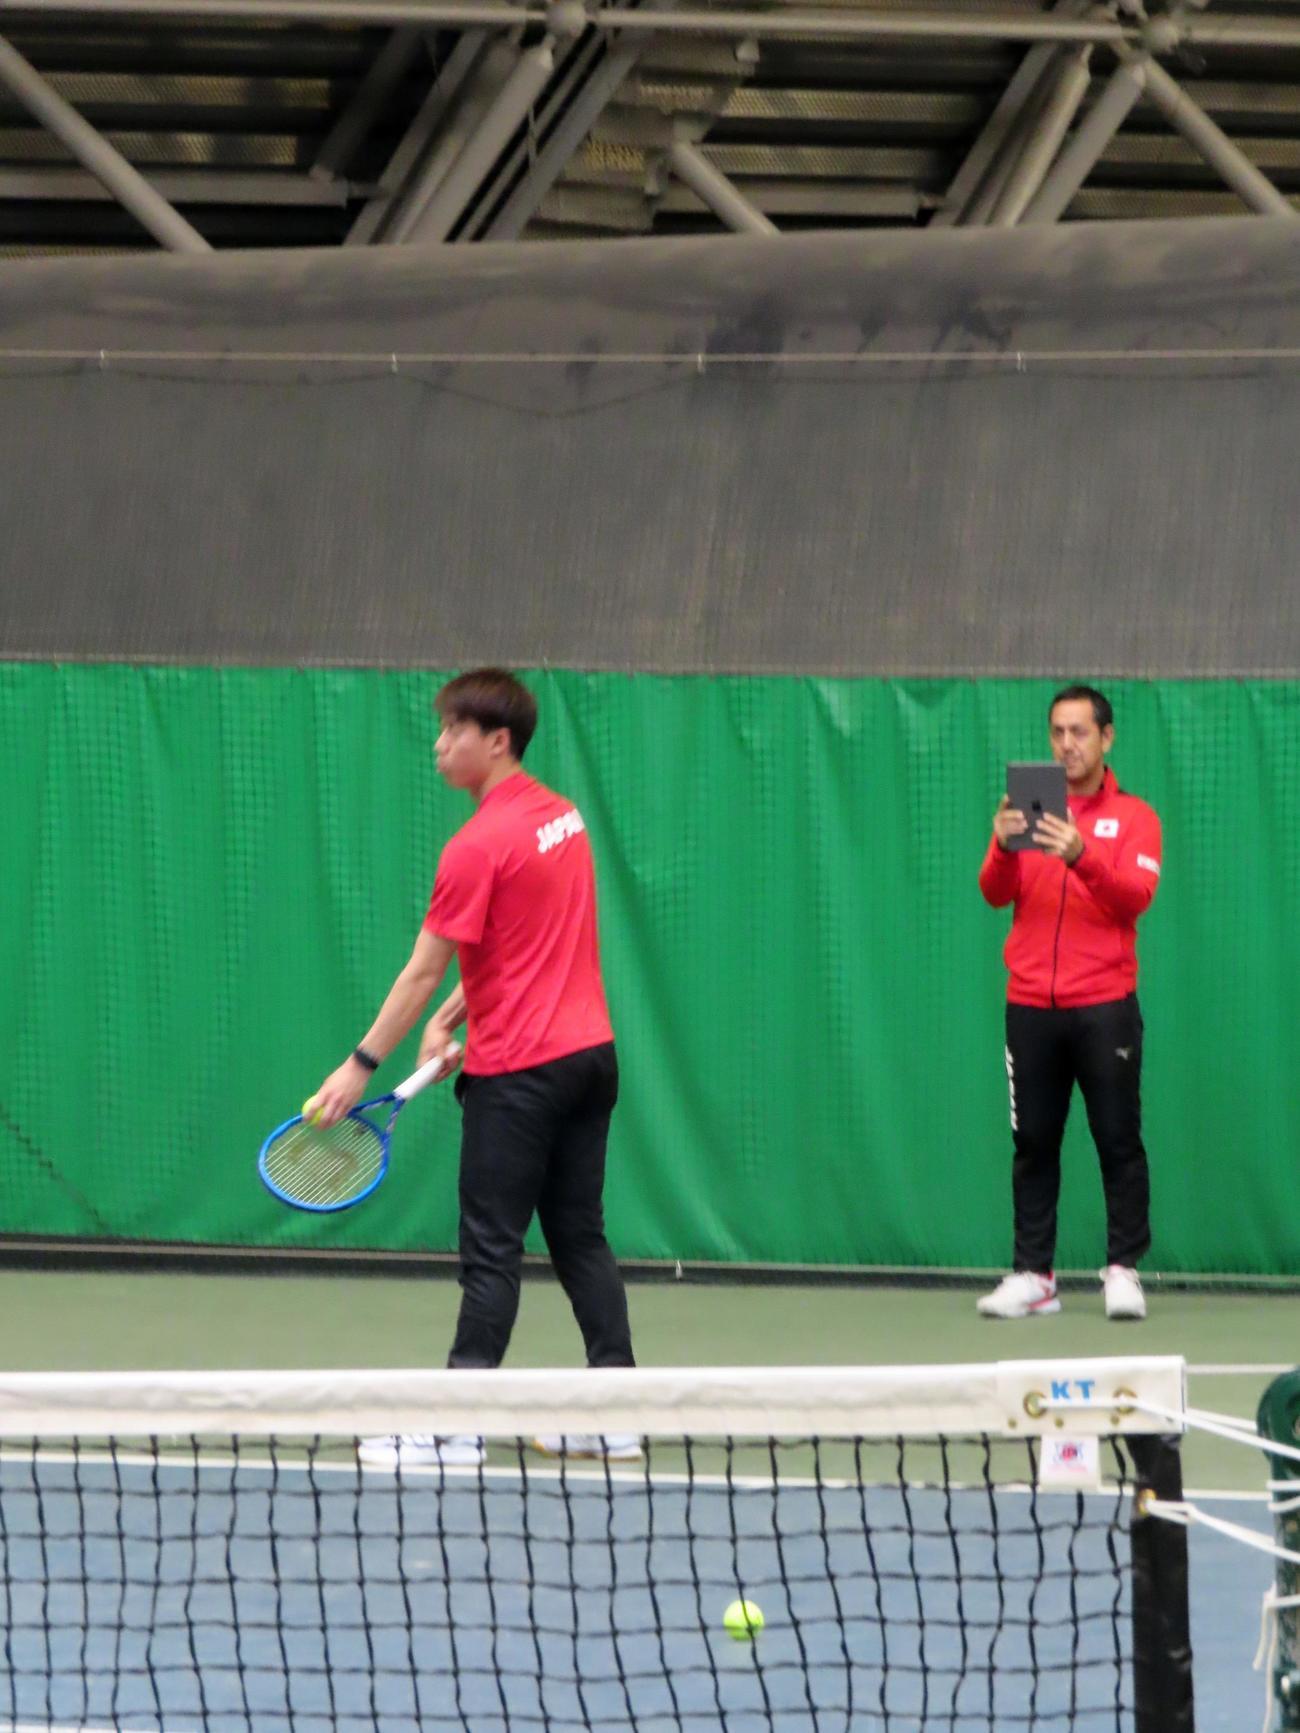 サーブの練習をする錦織を高田コーチが撮影